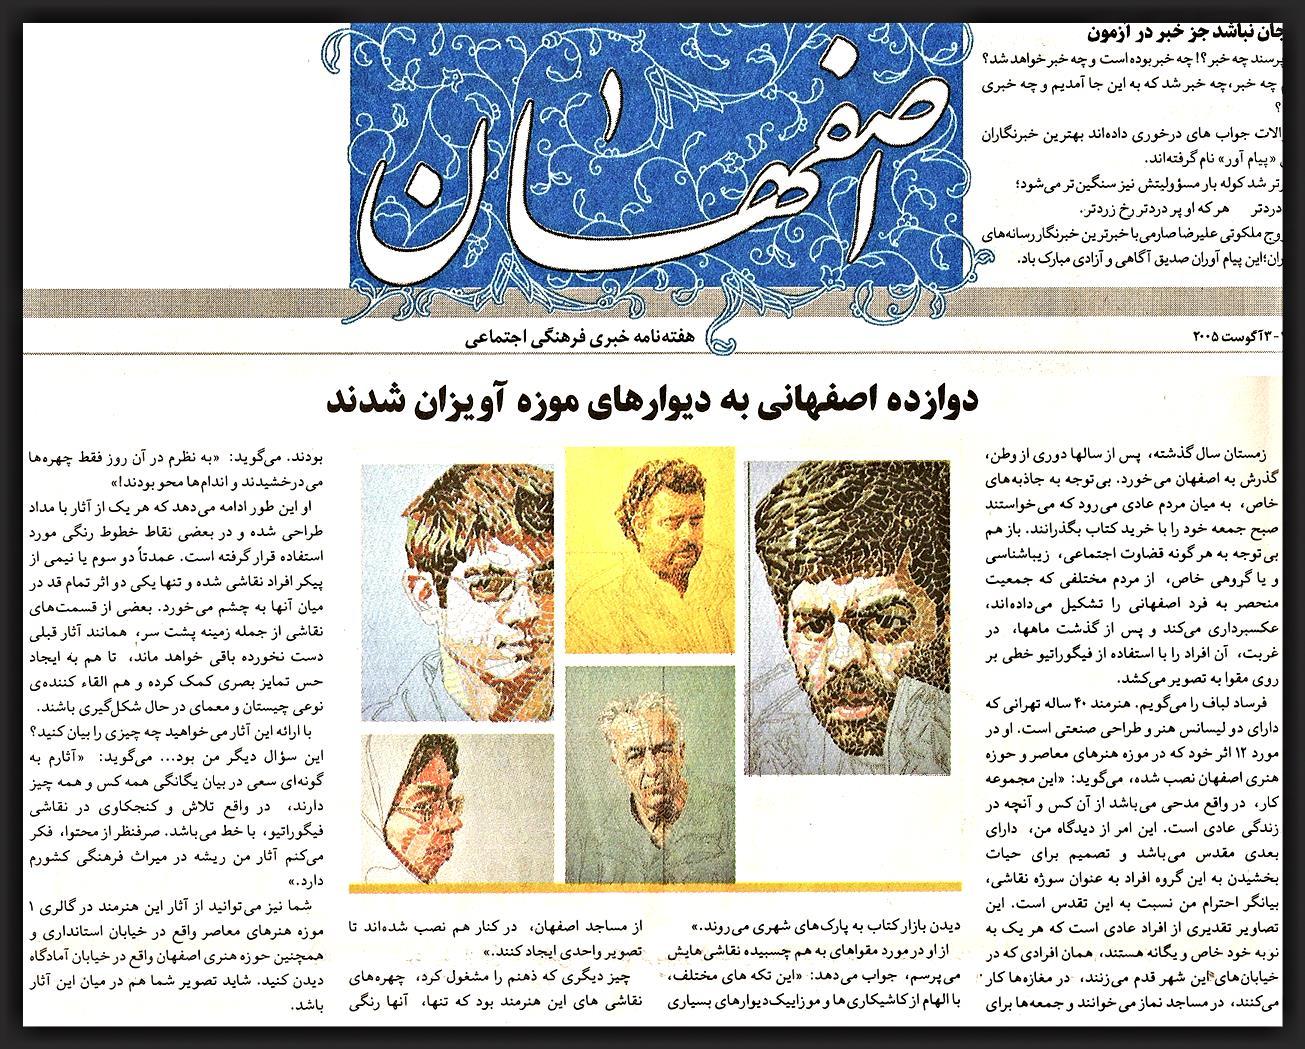 Esfahan Newspaper.jpg